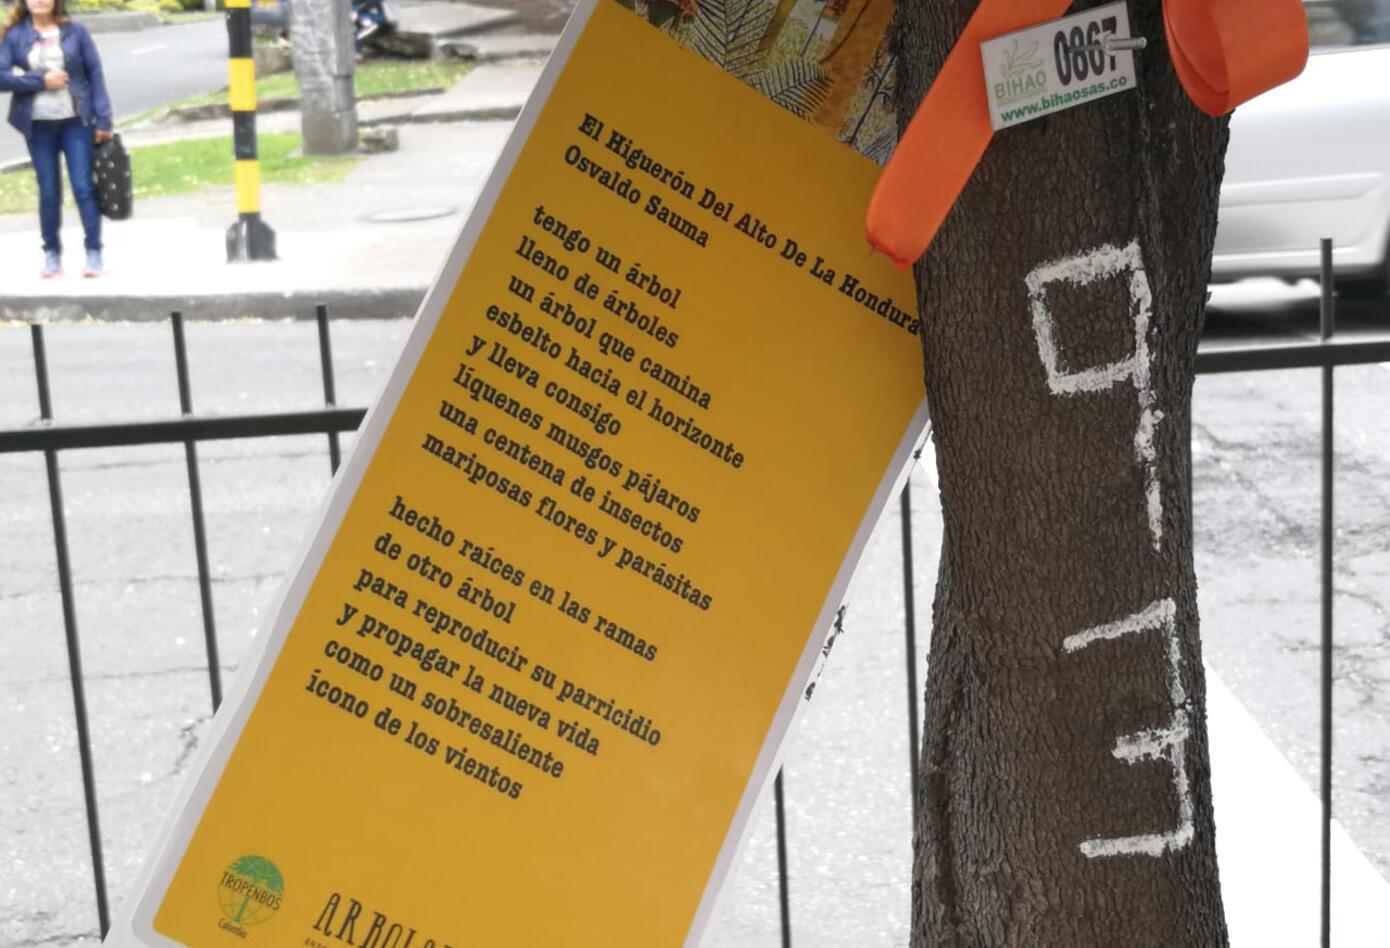 Poema en tronco de árbol inventariado para ser talado